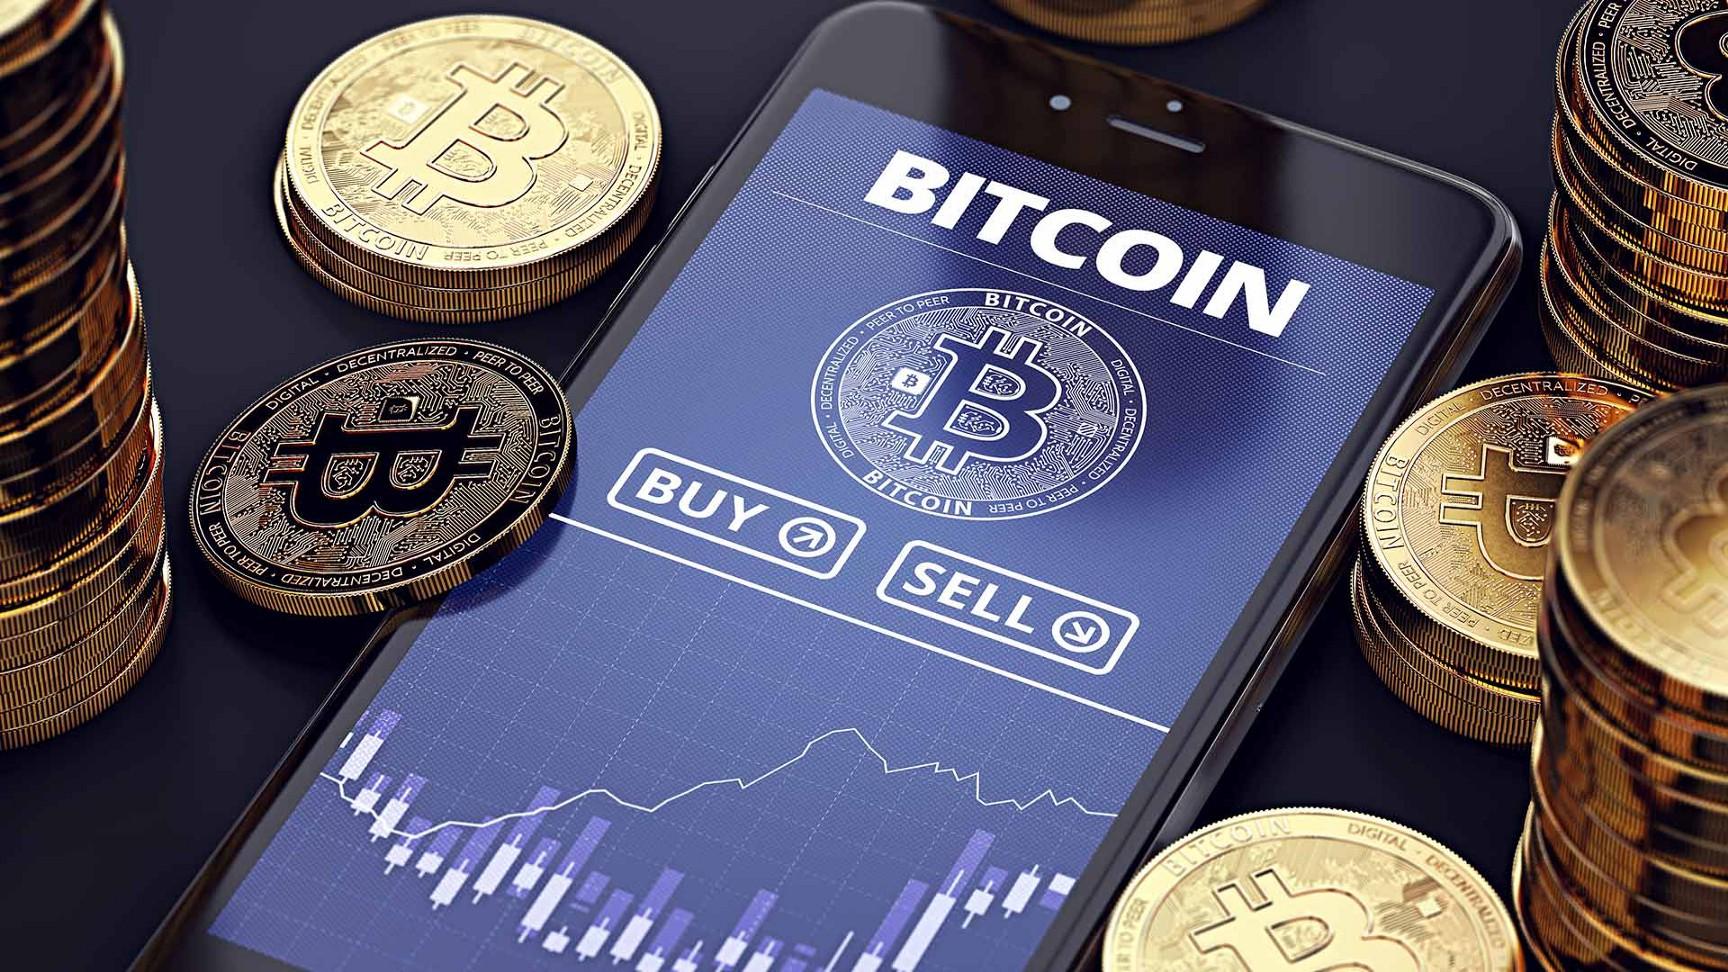 Биткоин — принципиально новая монетарная система